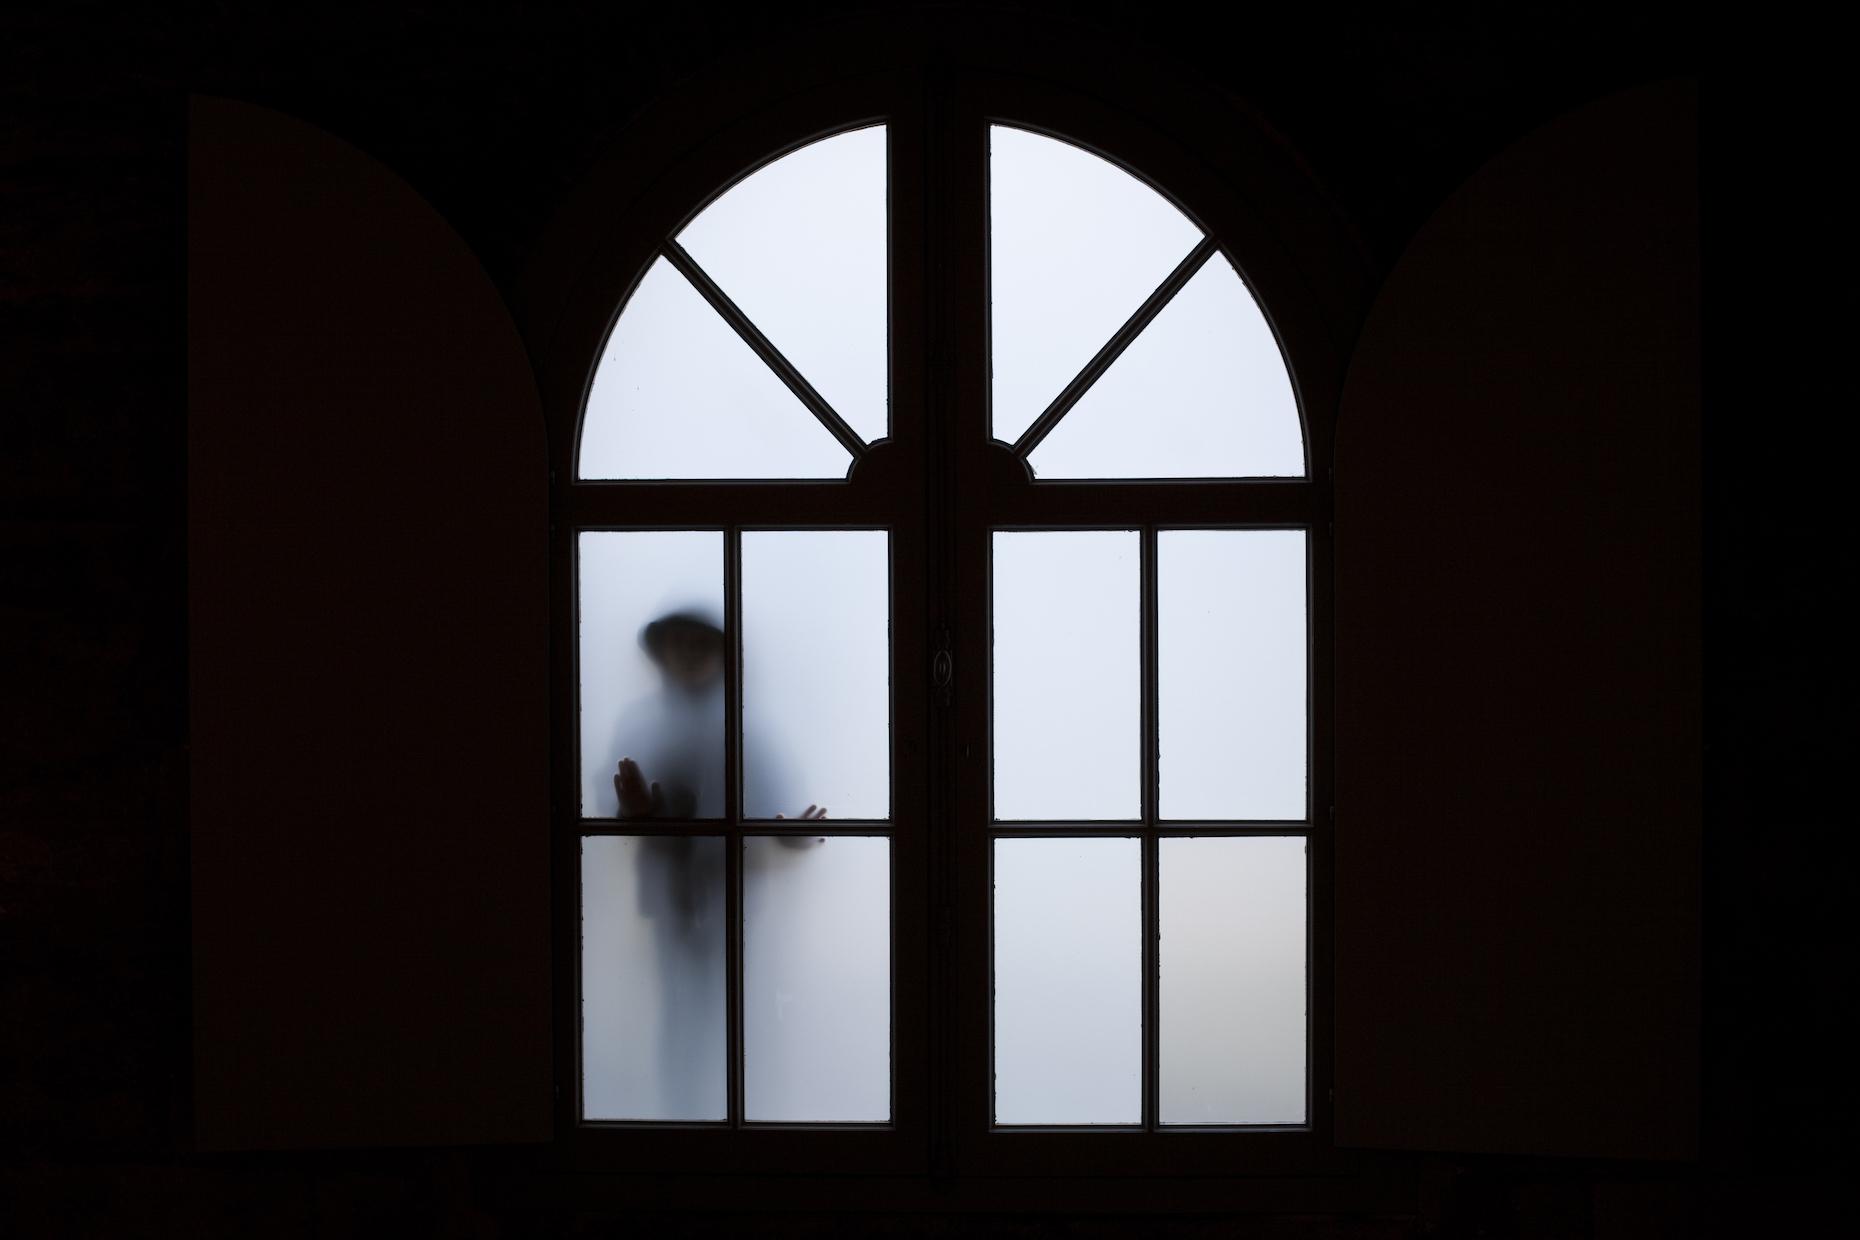 window-ghost